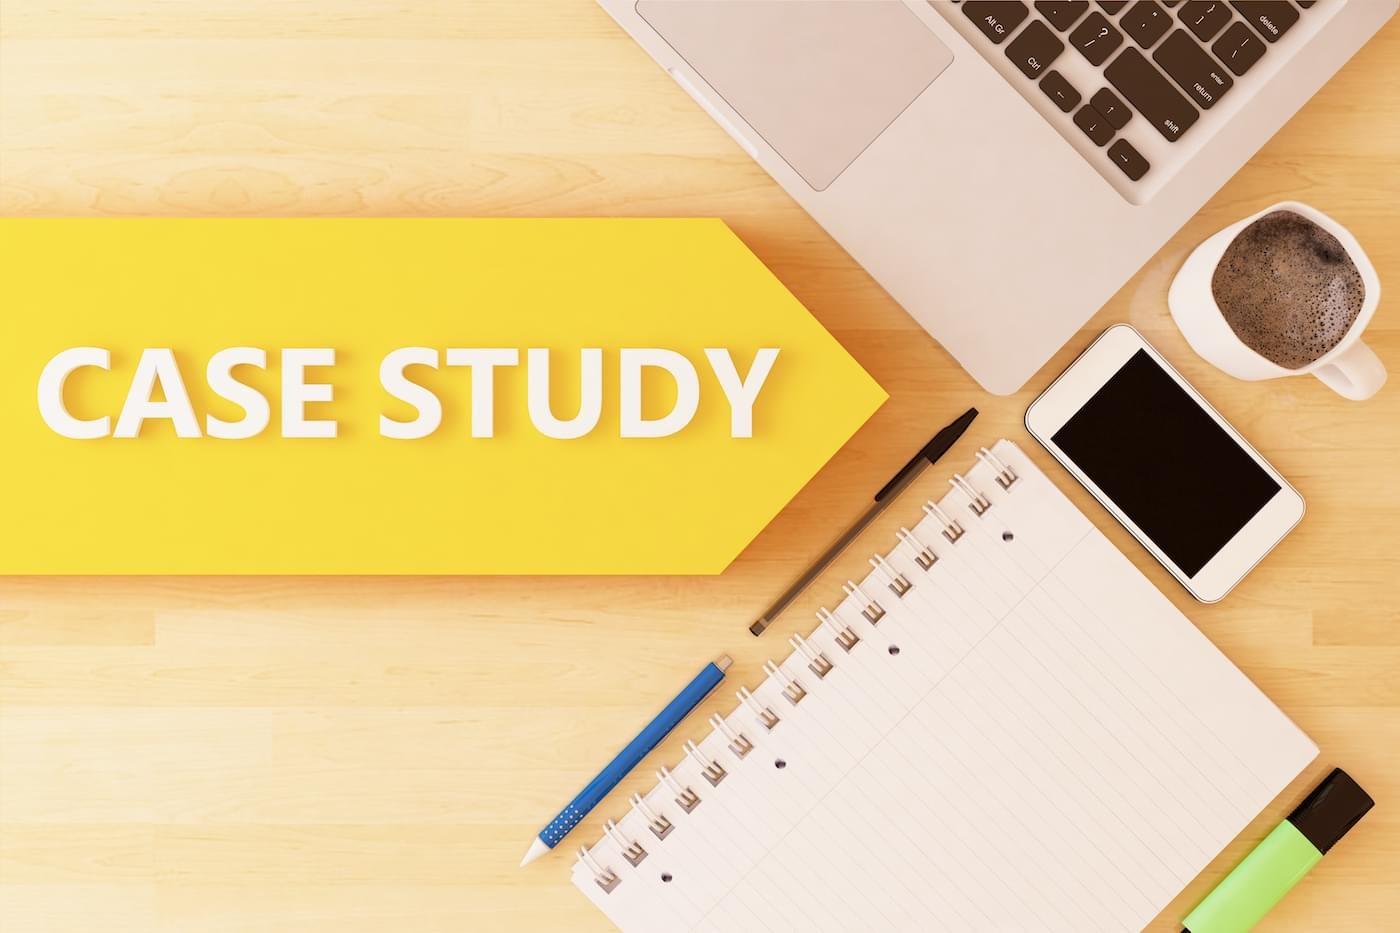 نکات نوشتن مطالعه موردی